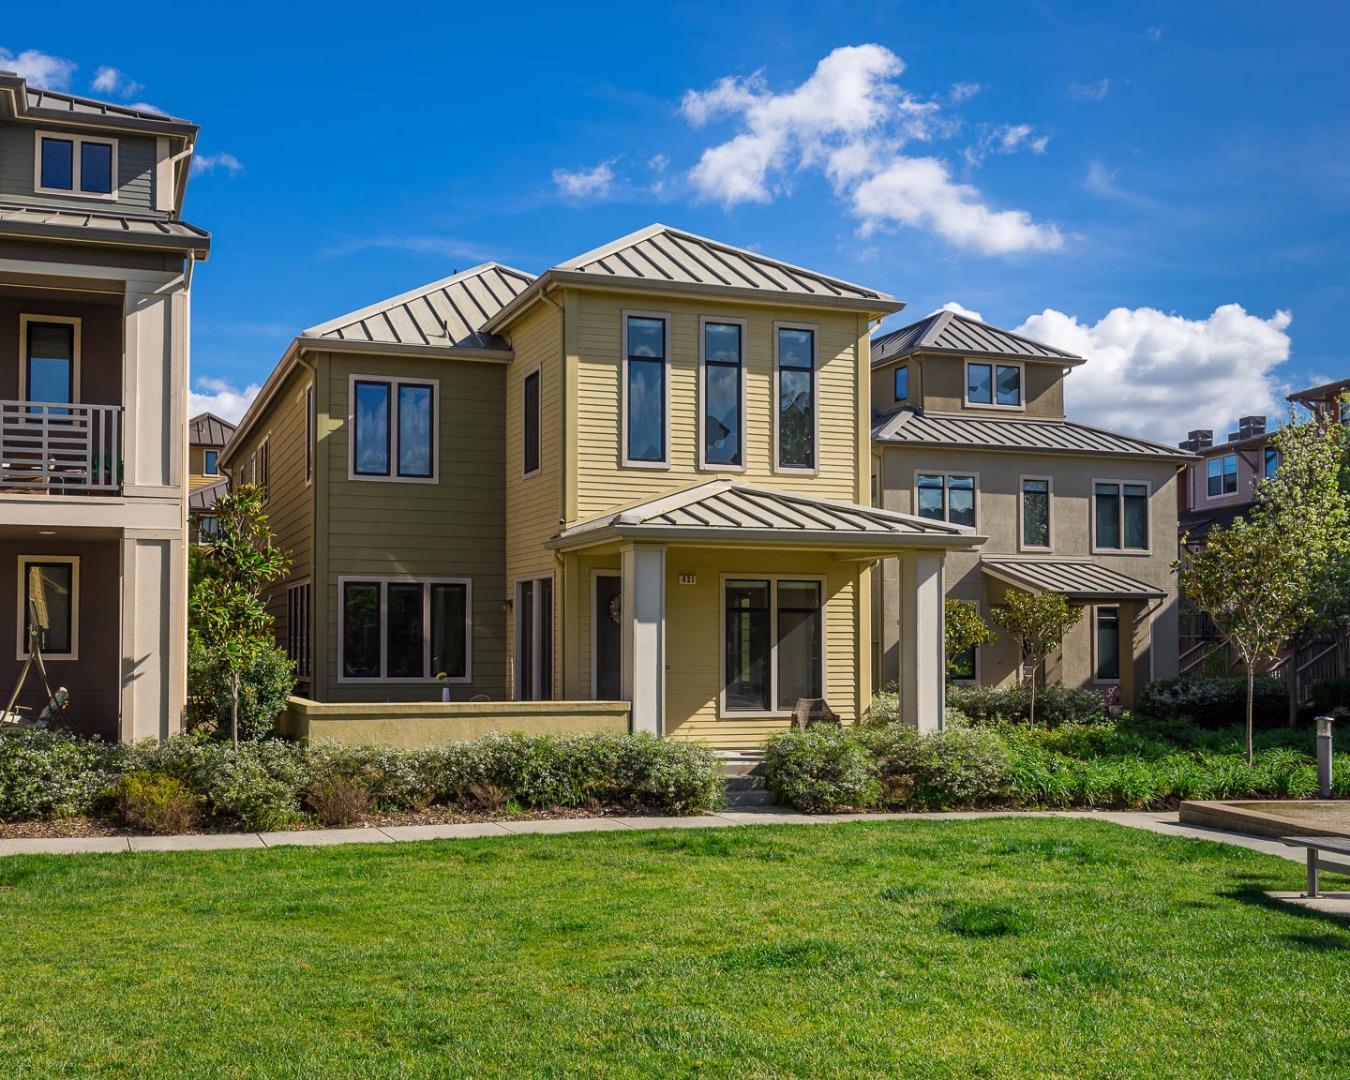 431 Alder Ln, Palo Alto, CA